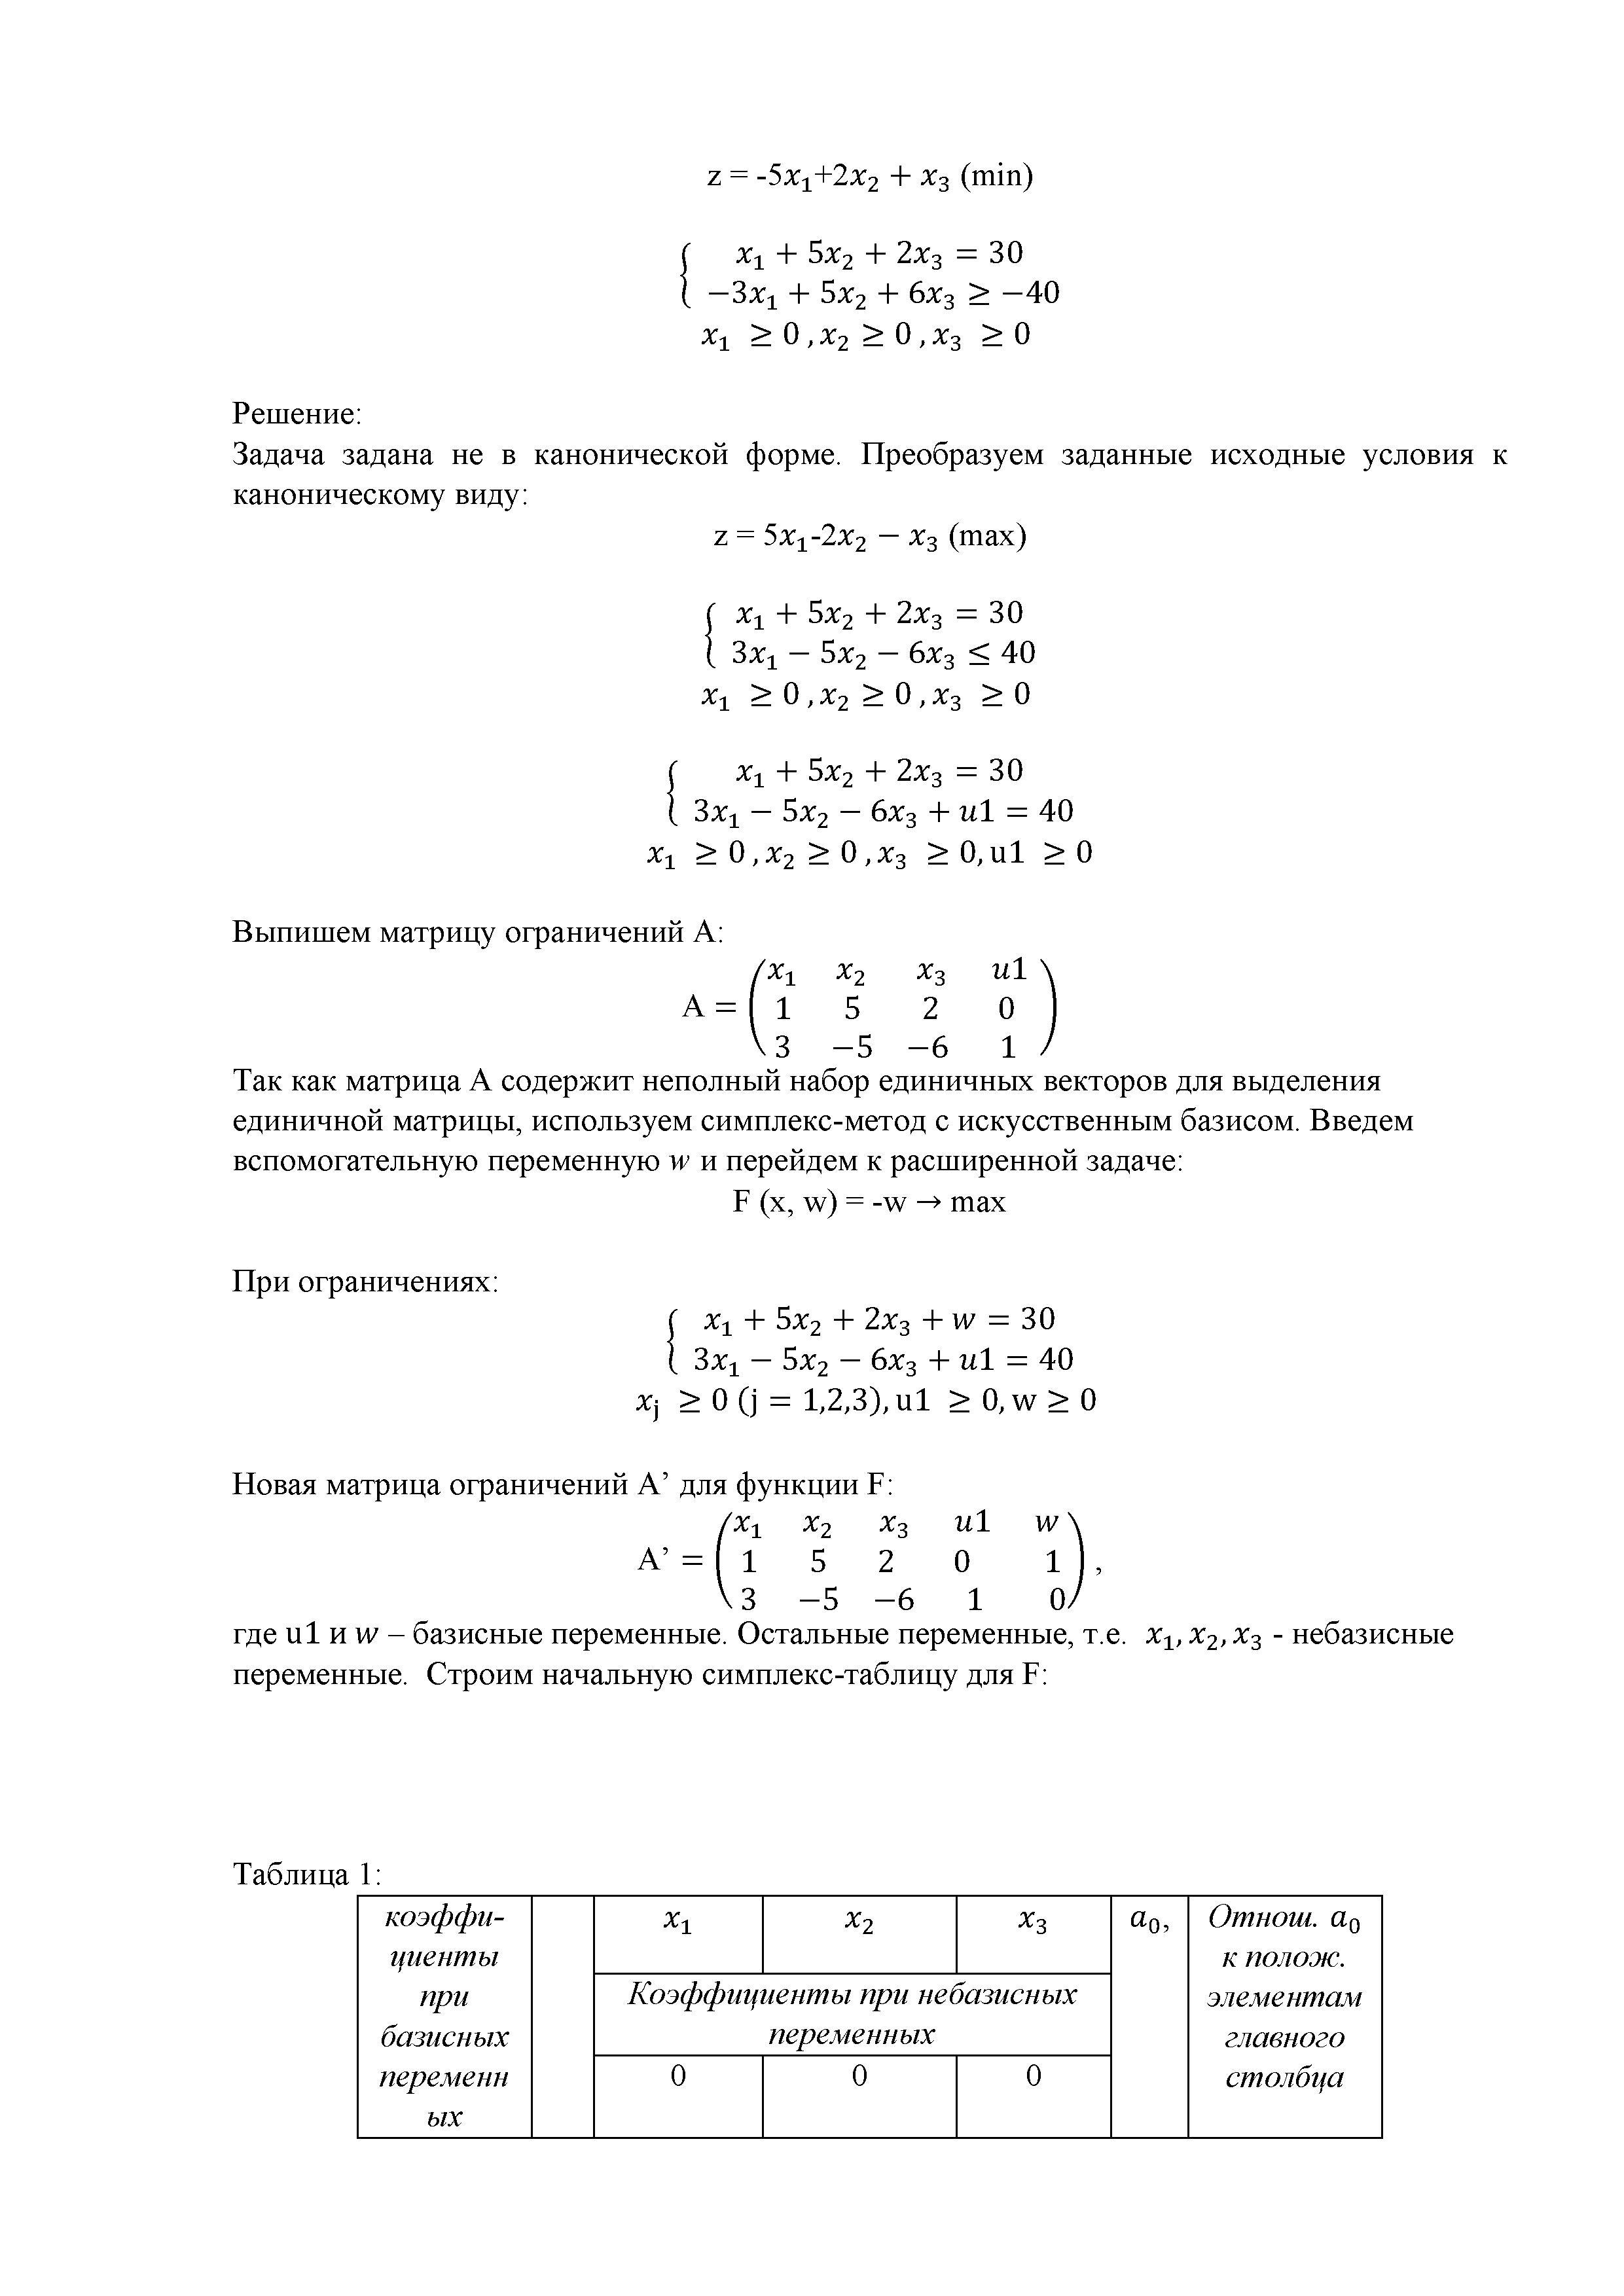 Решение симплекс - методом с искусственным базисом задачи линейного программирования